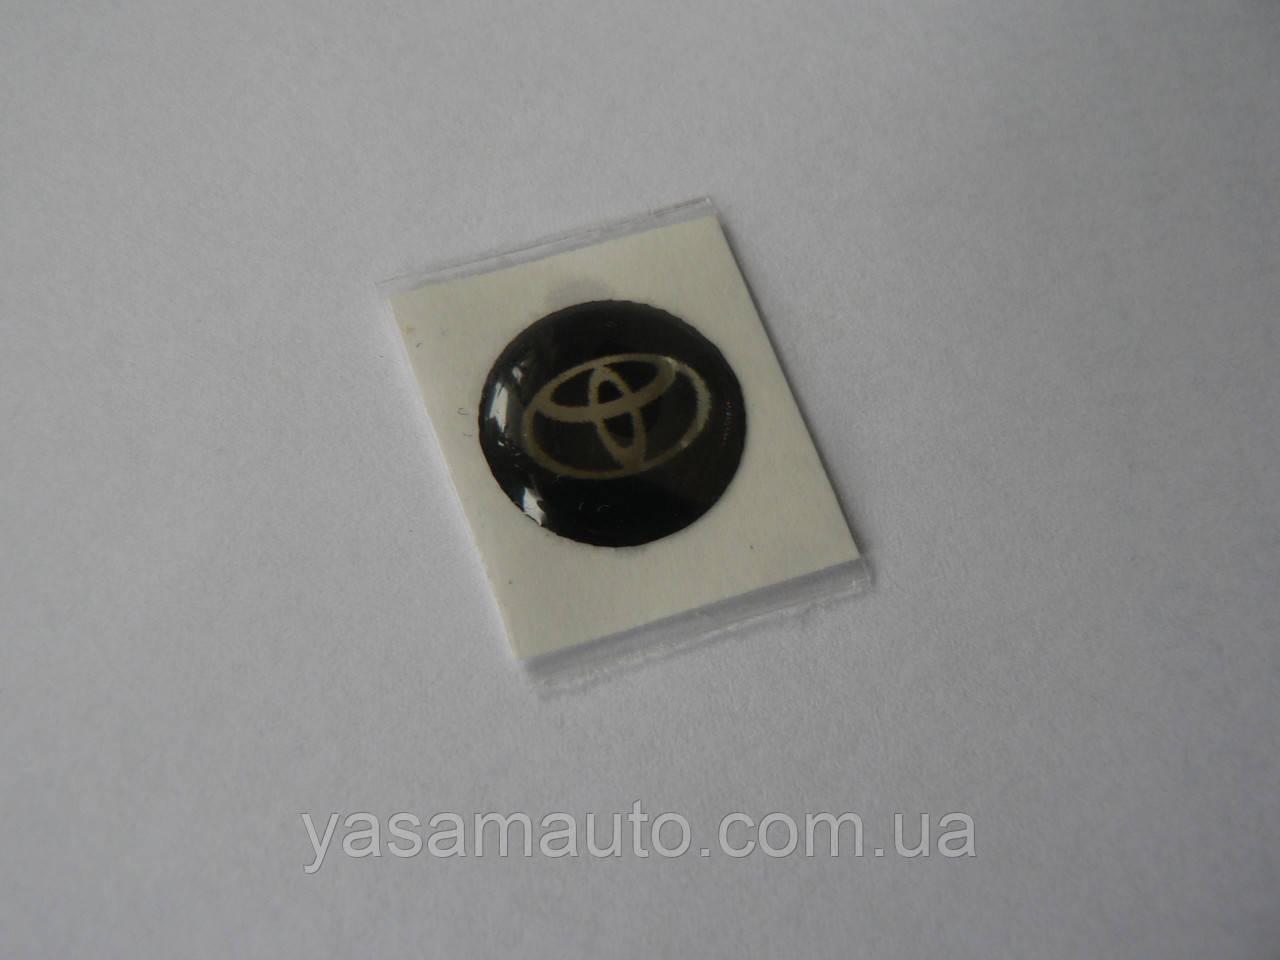 Наклейка s круглая Toyota 20мм силиконовая эмблема в круге на авто ключи сигнализацию Тойота